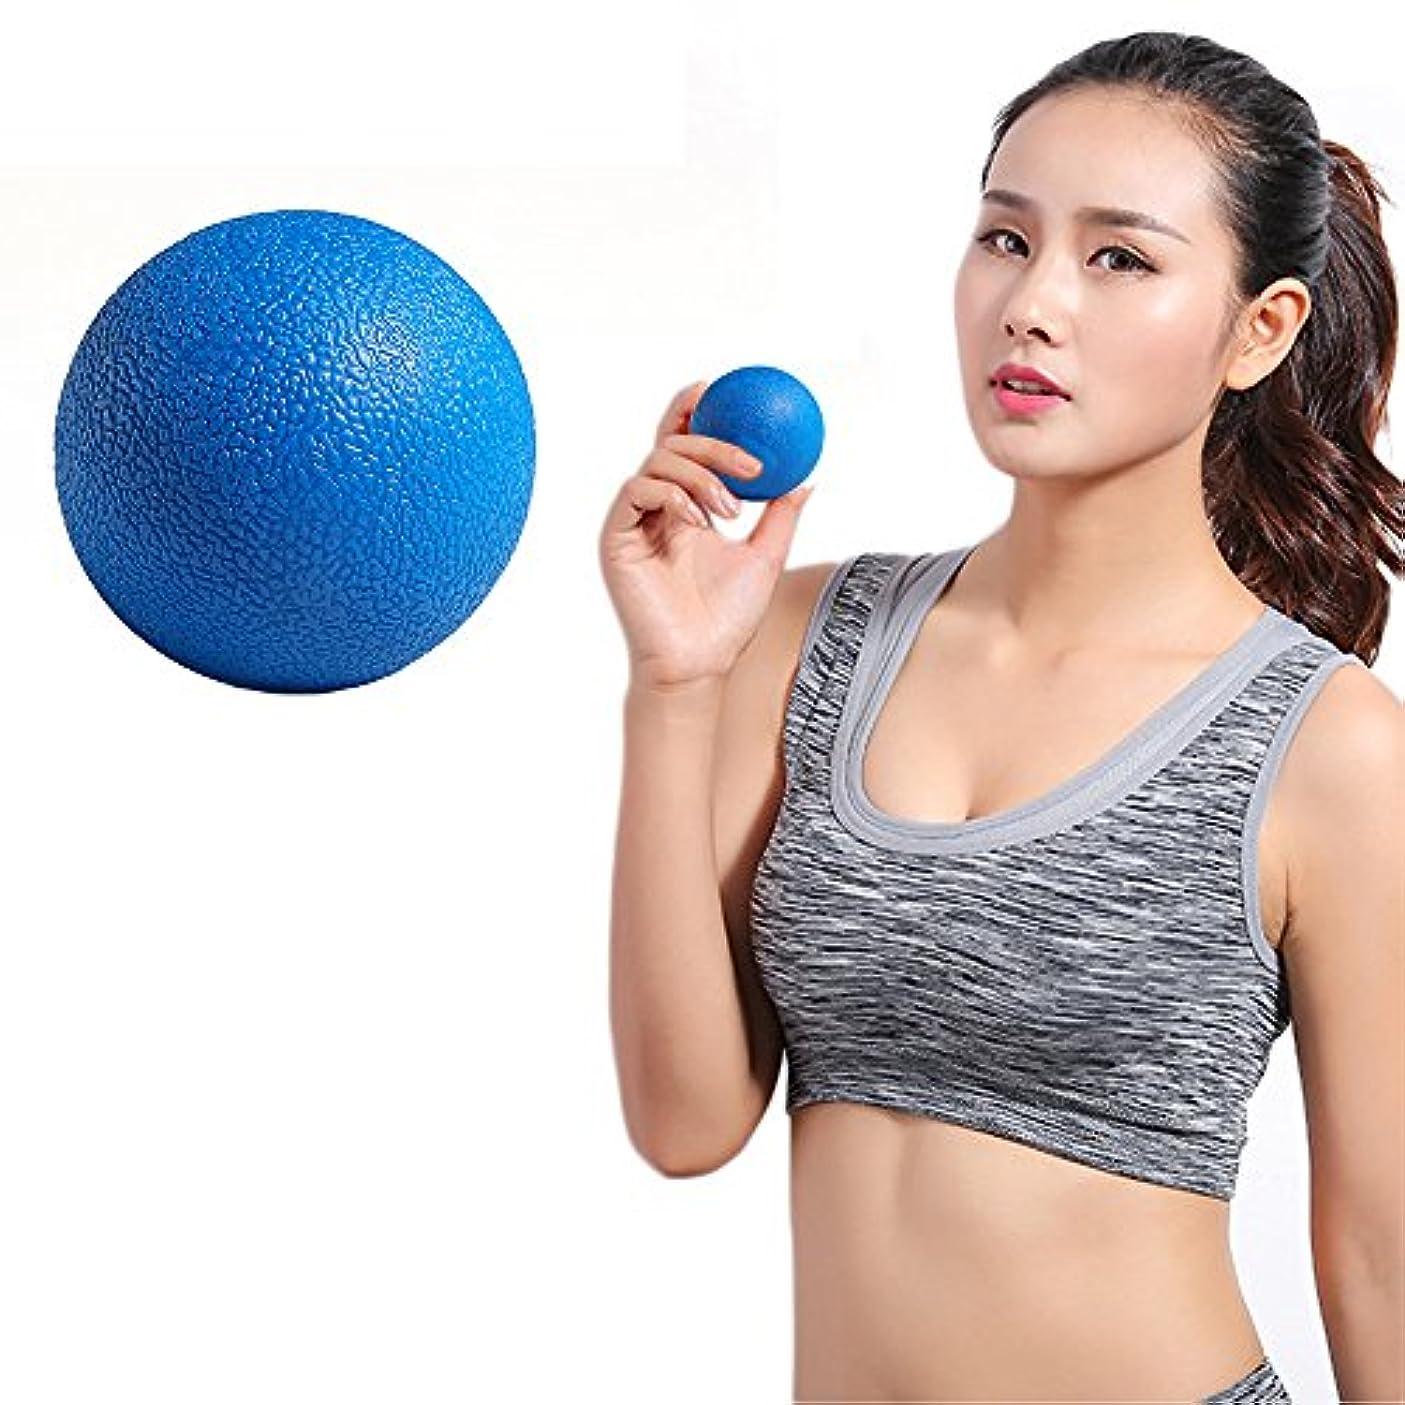 適合風味推測するZafina マッサージボール トリガーポイント ストレッチボール 筋膜球 筋膜リリース 指圧ボール 首から足裏まで全身に使える 血液循環 エクササイズグッズ 1個入り (ブルー)